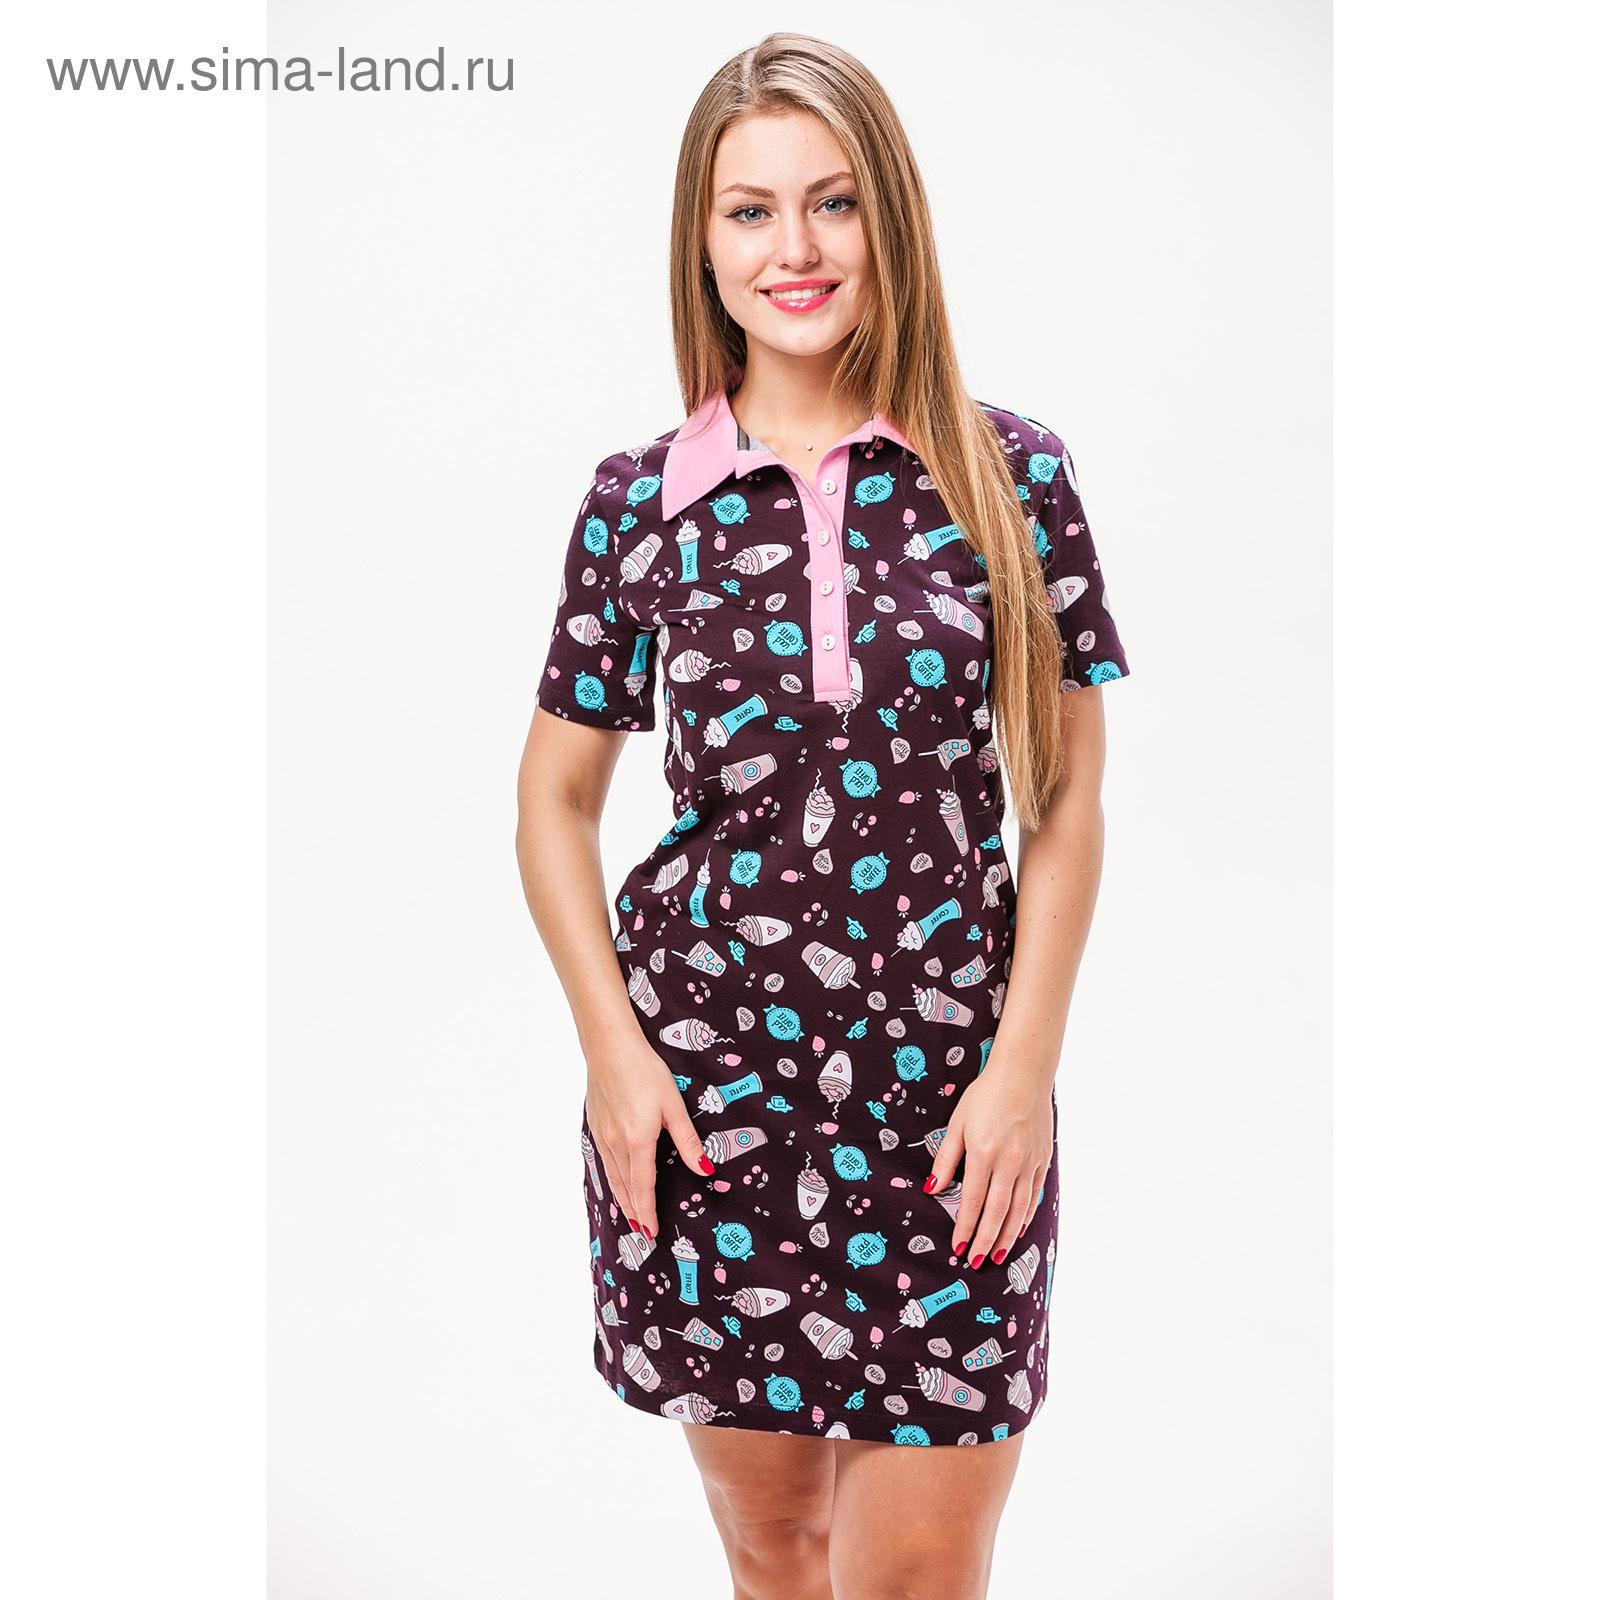 d4dbca1e8eff Платье женское М-813 1-09 цвет баклажановый розовый, р-р 44 (2881655 ...